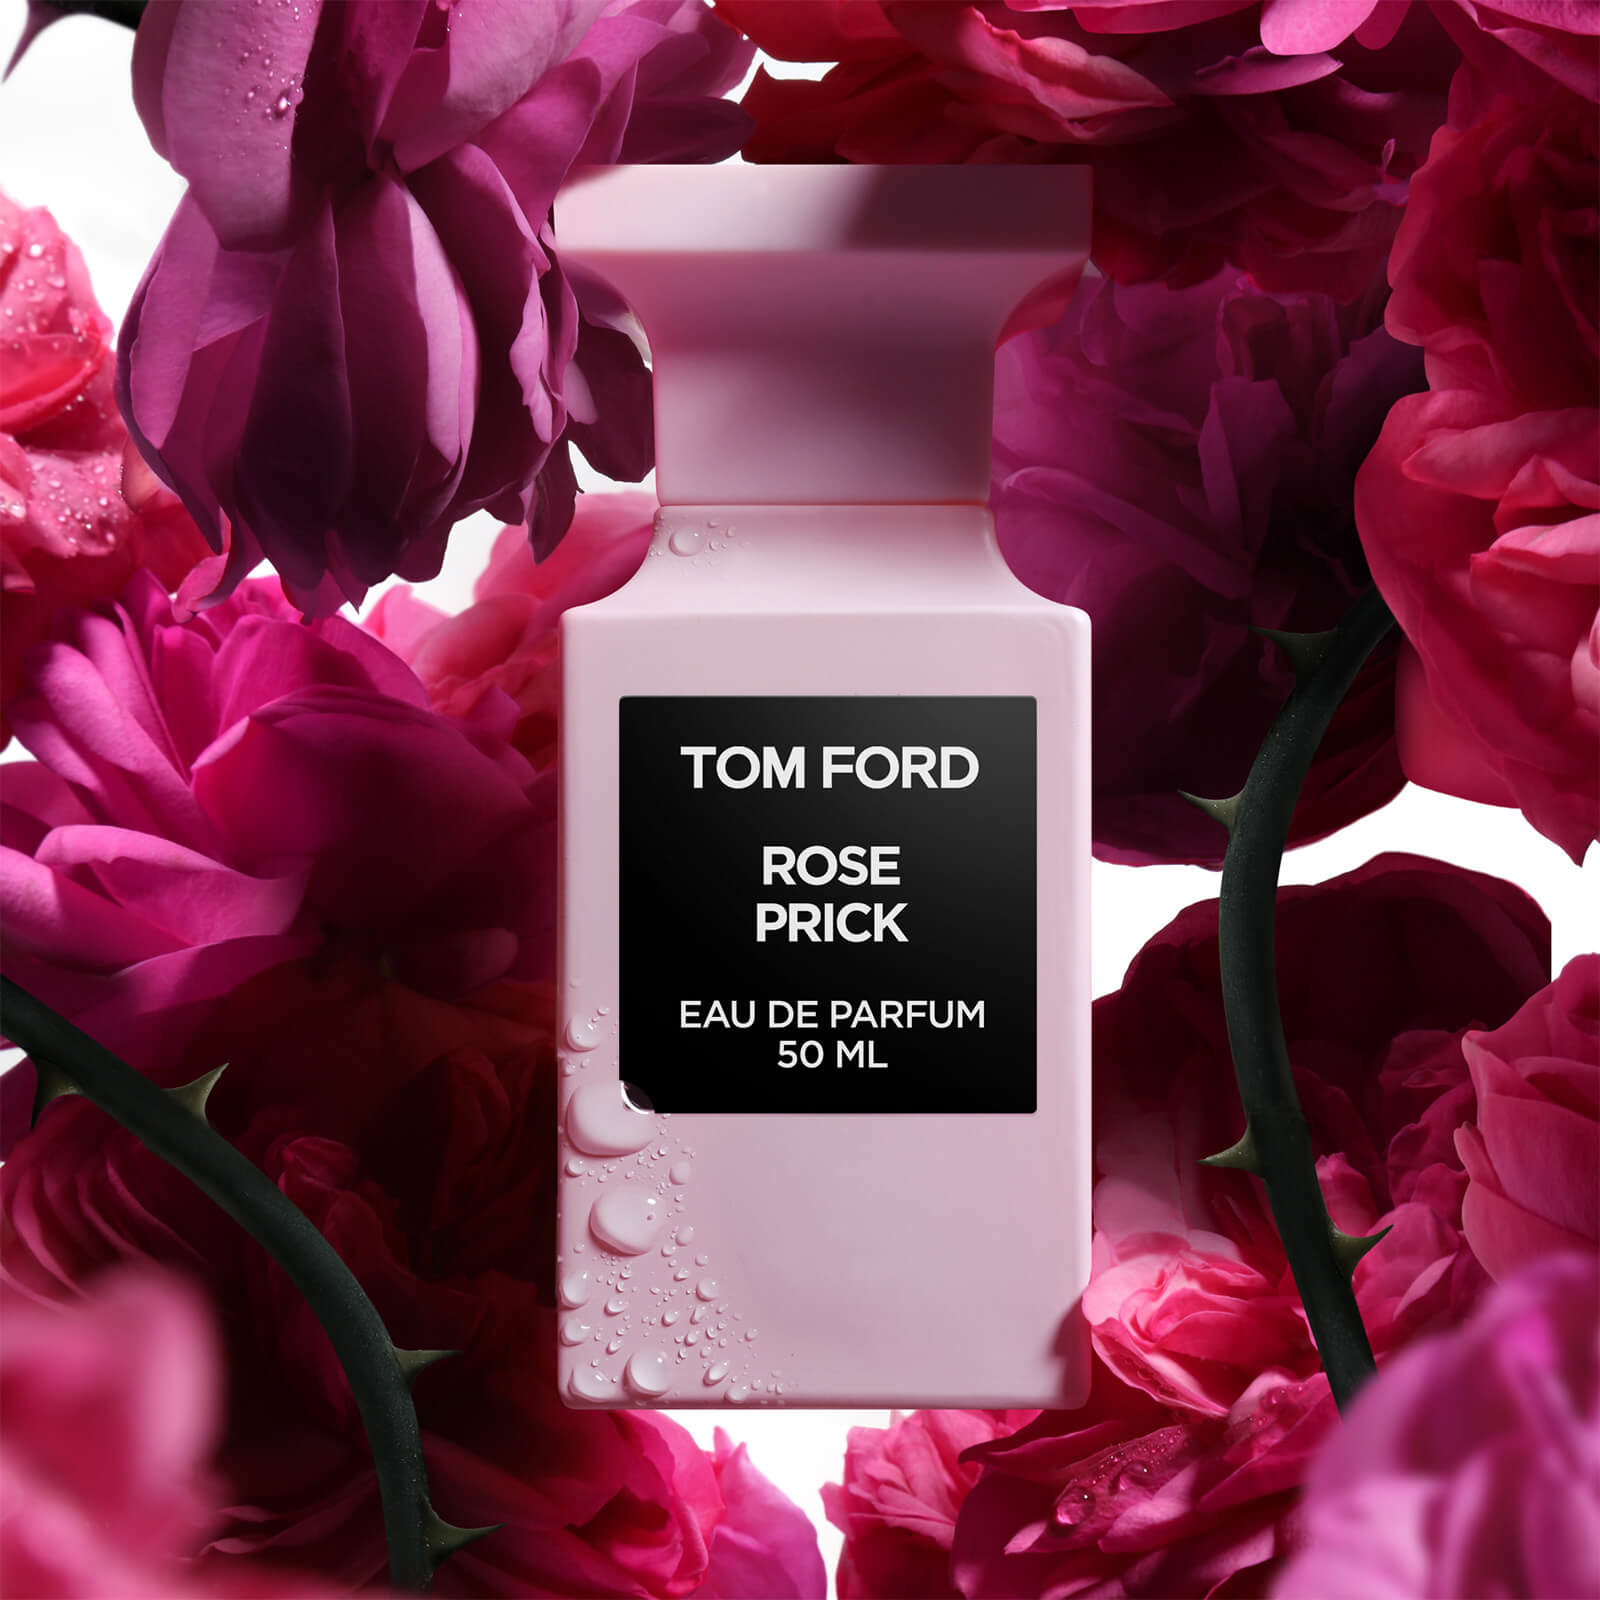 Tom Ford Rose Prick Eau de Parfum Spray (Various Sizes) - 50ML